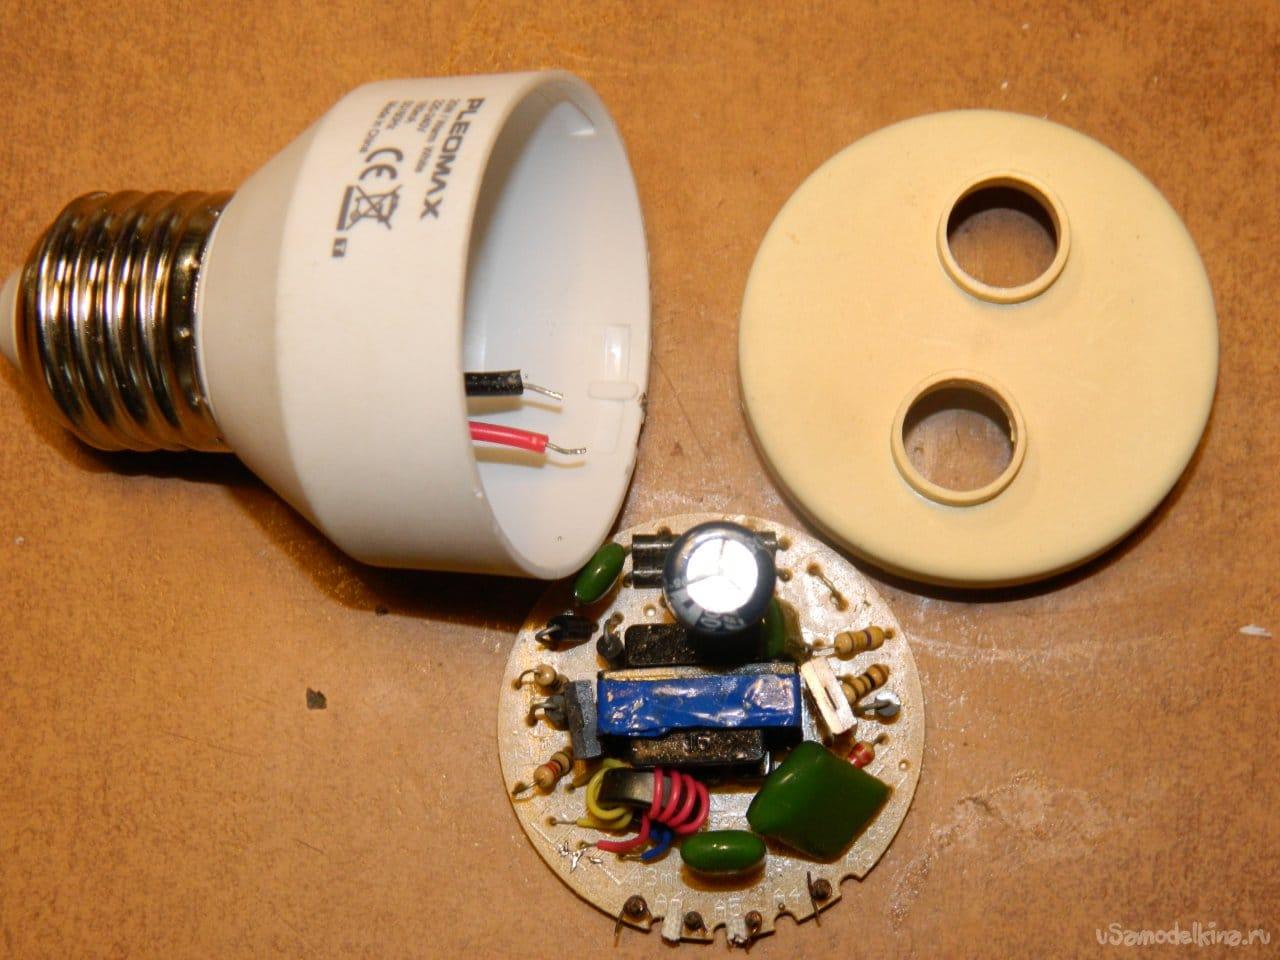 Светодиодная лампа на основе готового модуля